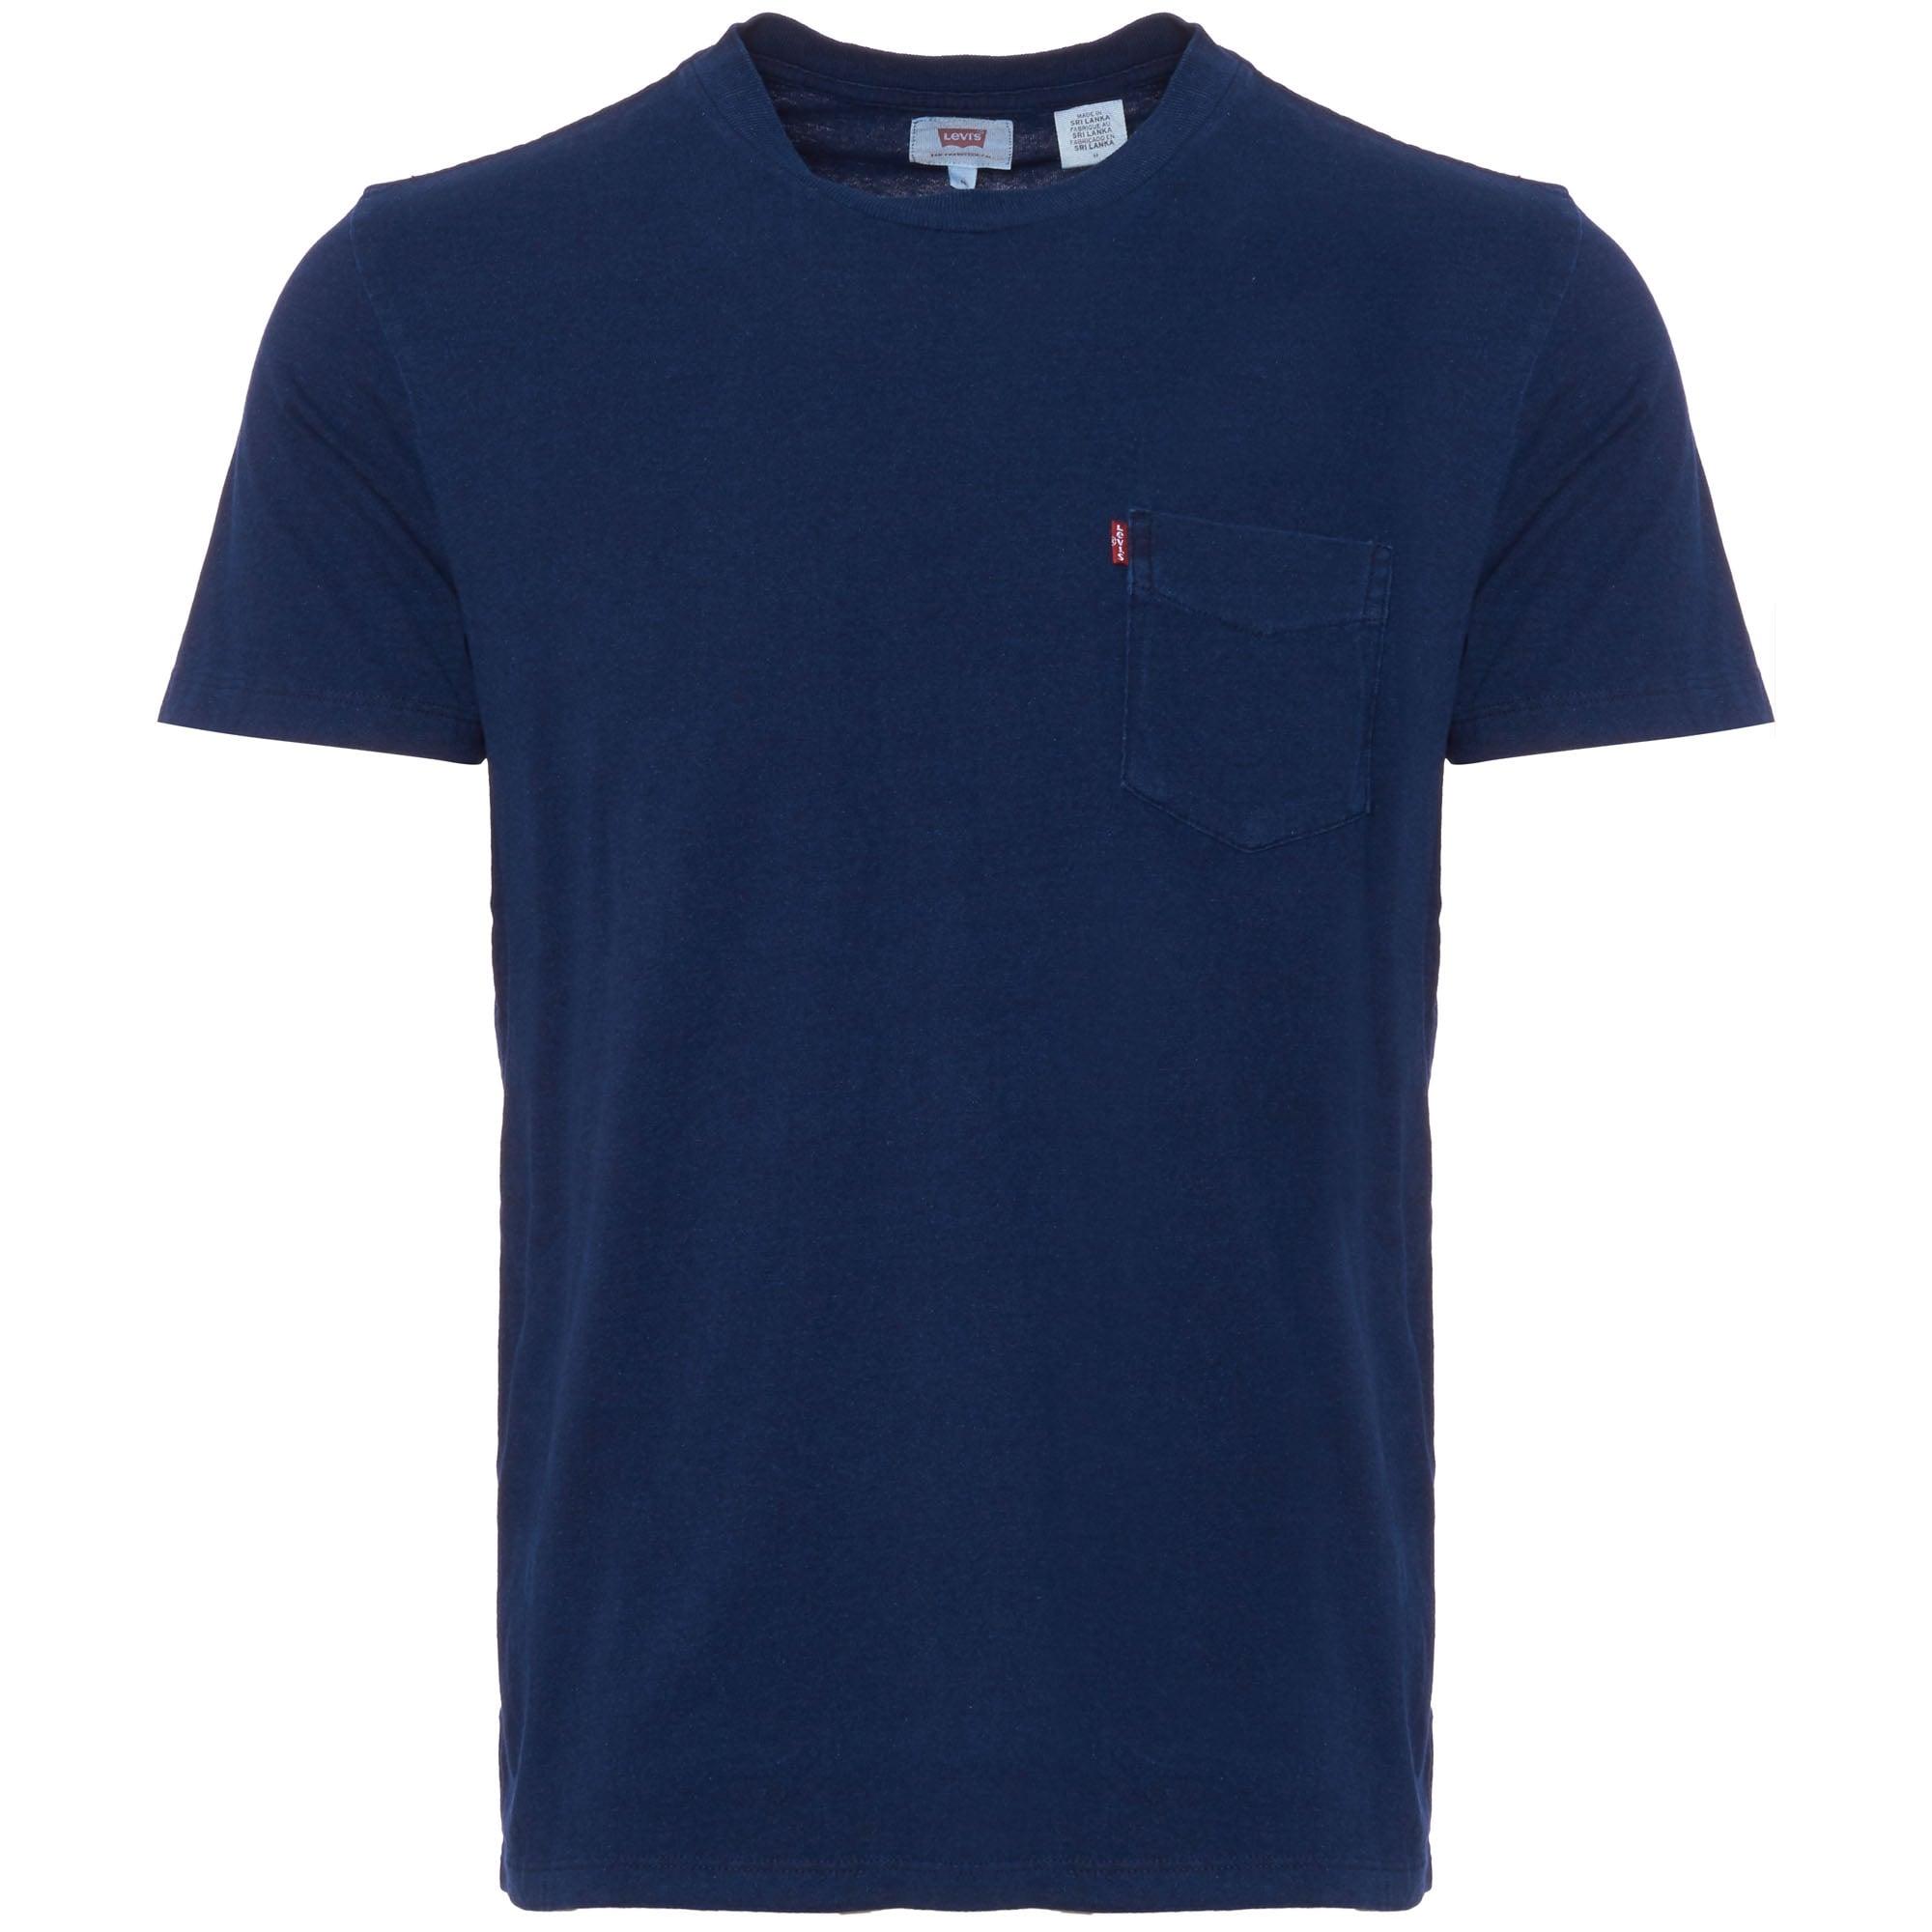 Indigo Sunset Pocket T-Shirt